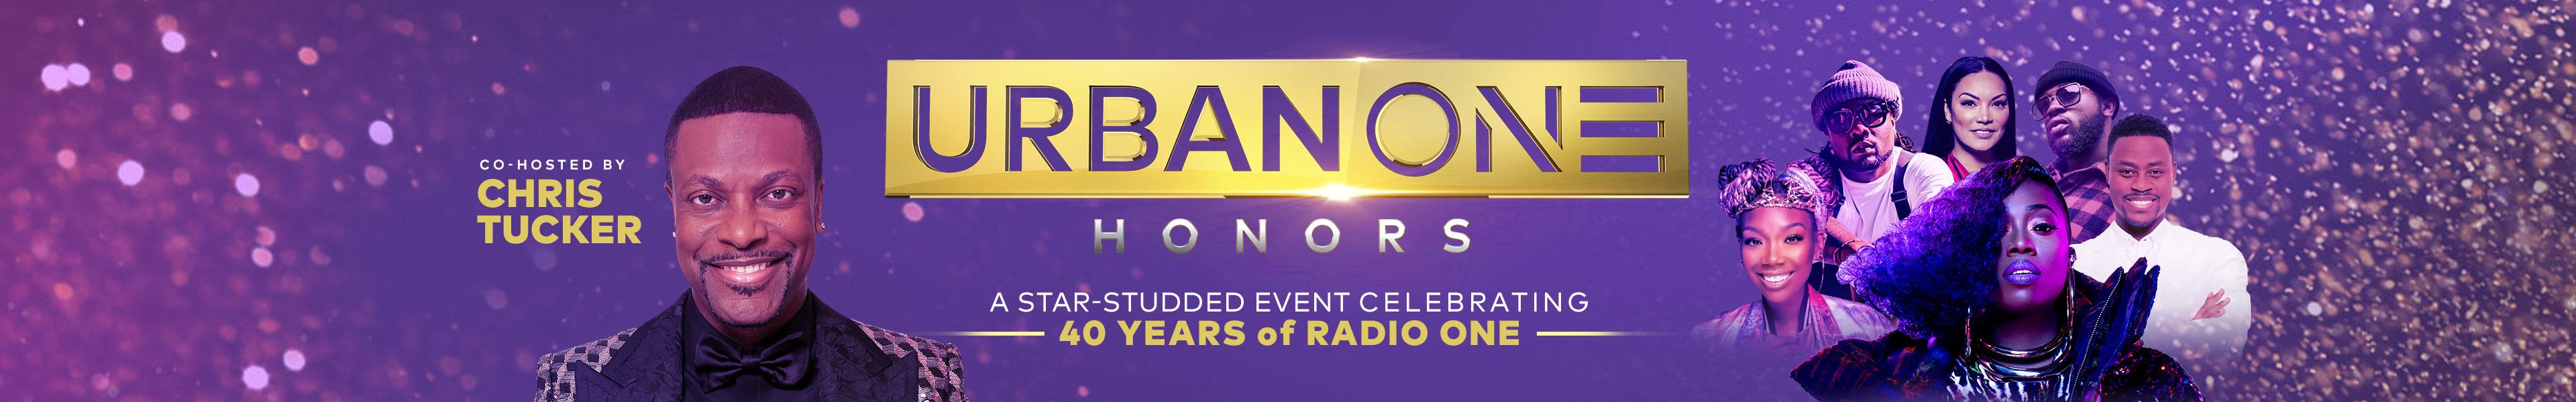 Urban One Honors 3820